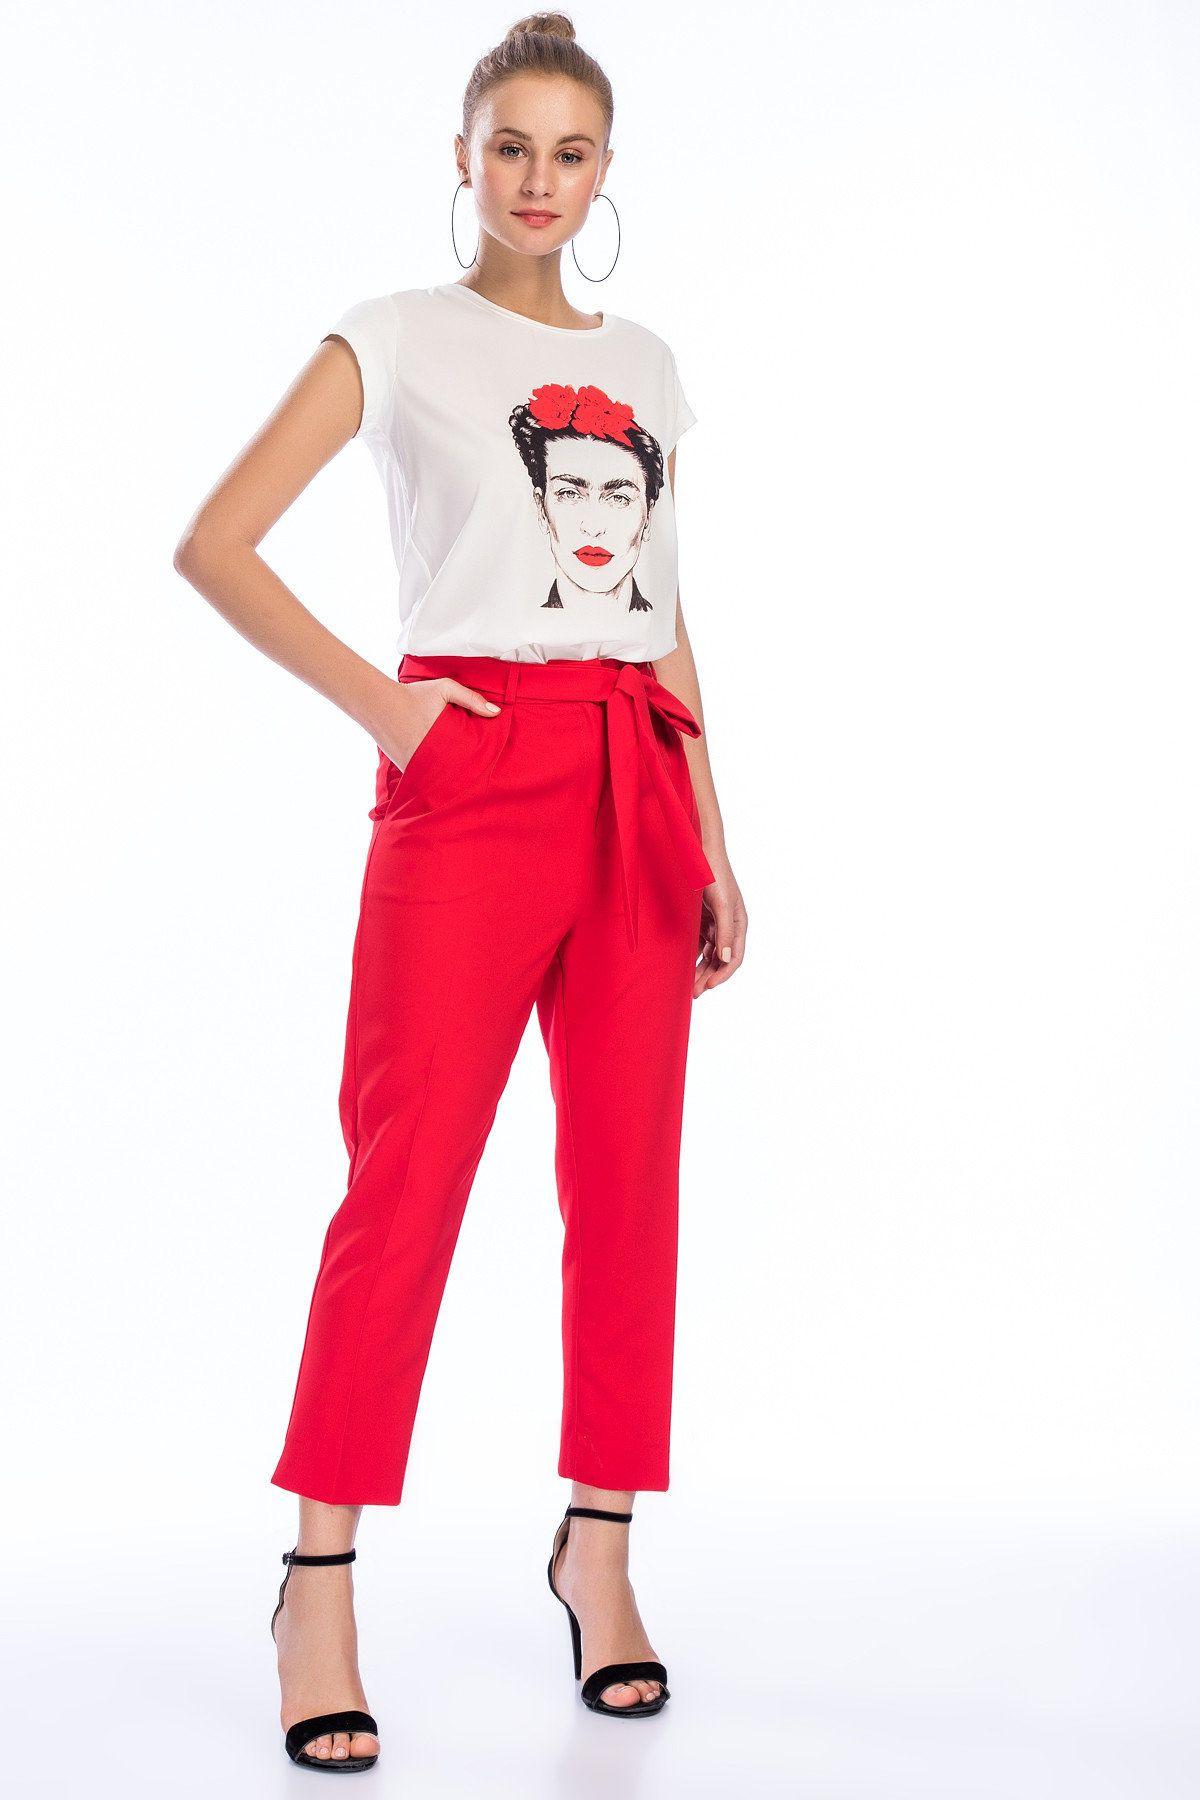 2019 Baskılı Pantolon Modelleri ve Kombinleri